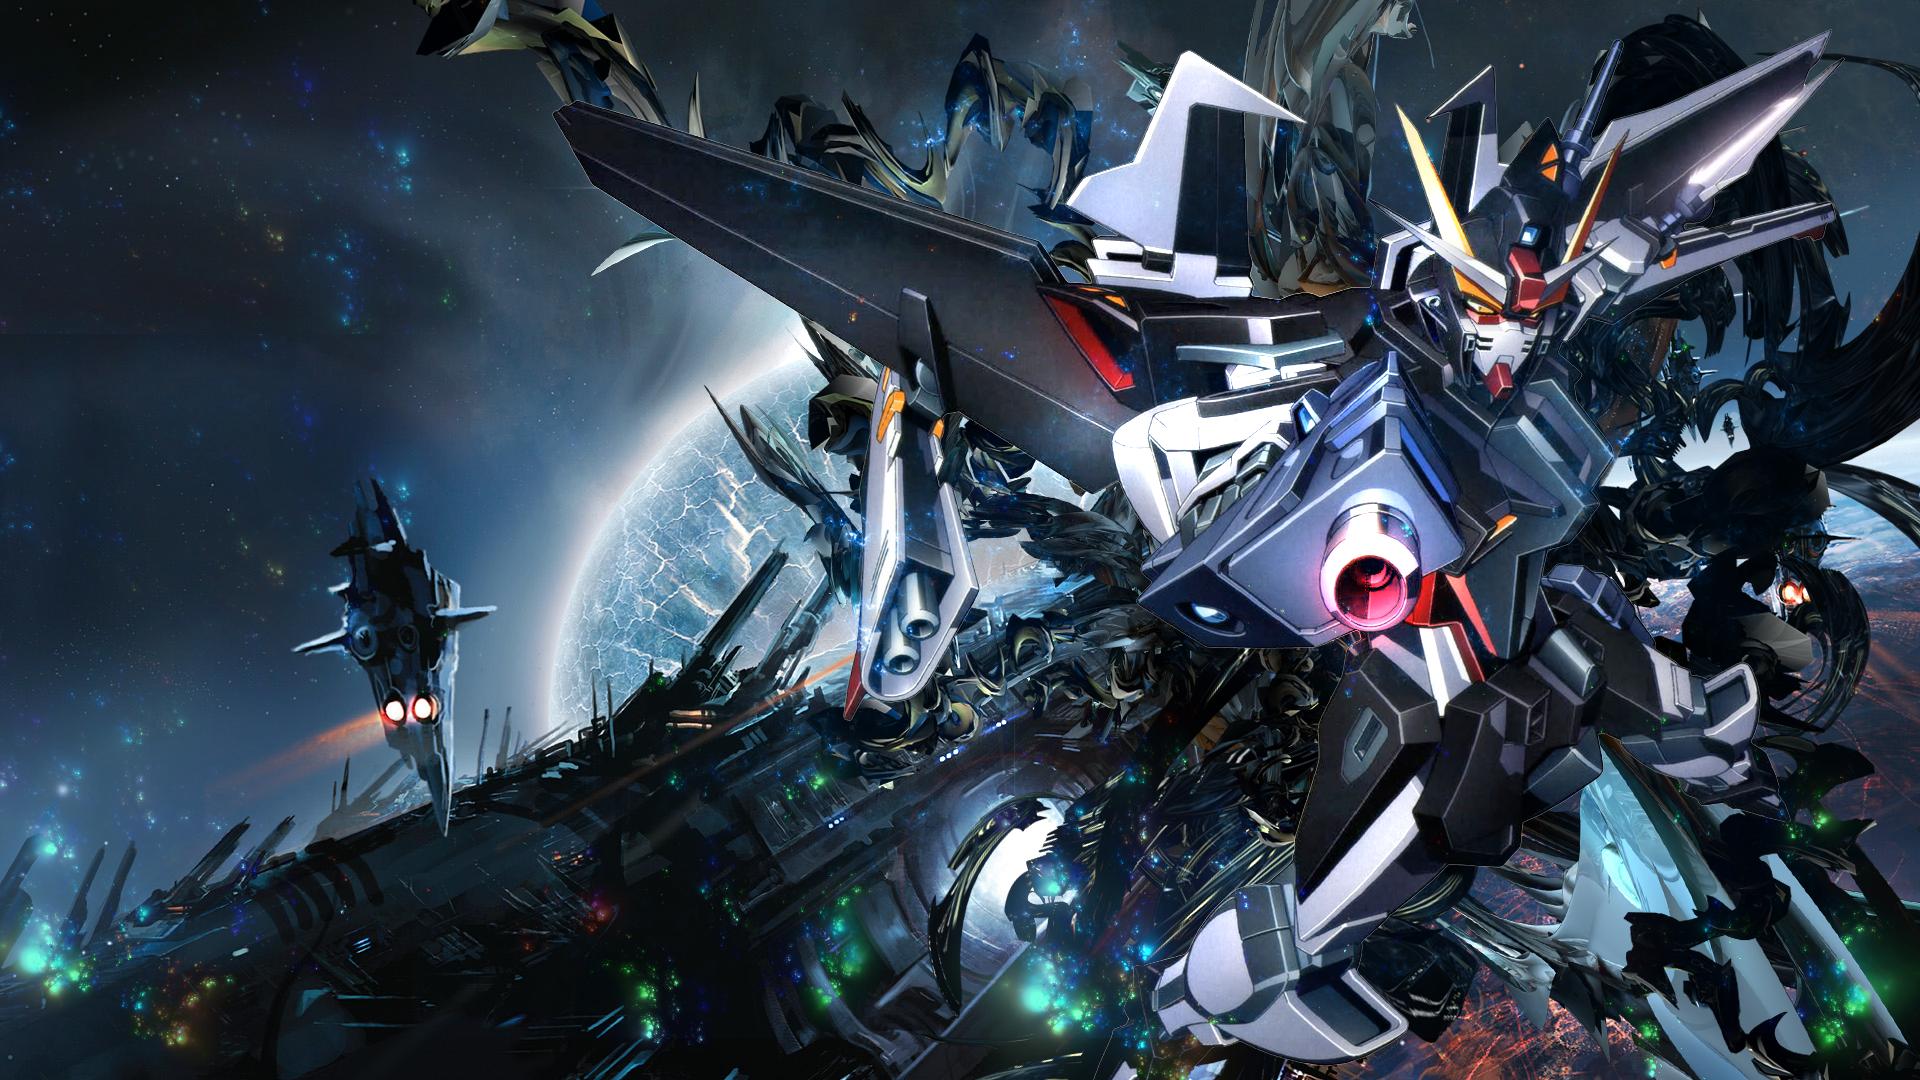 Gundam Full Hd Wallpaper Widescreen Image For Pc Desktop Gundam Wallpapers Anime Background Cartoon Wallpaper Hd